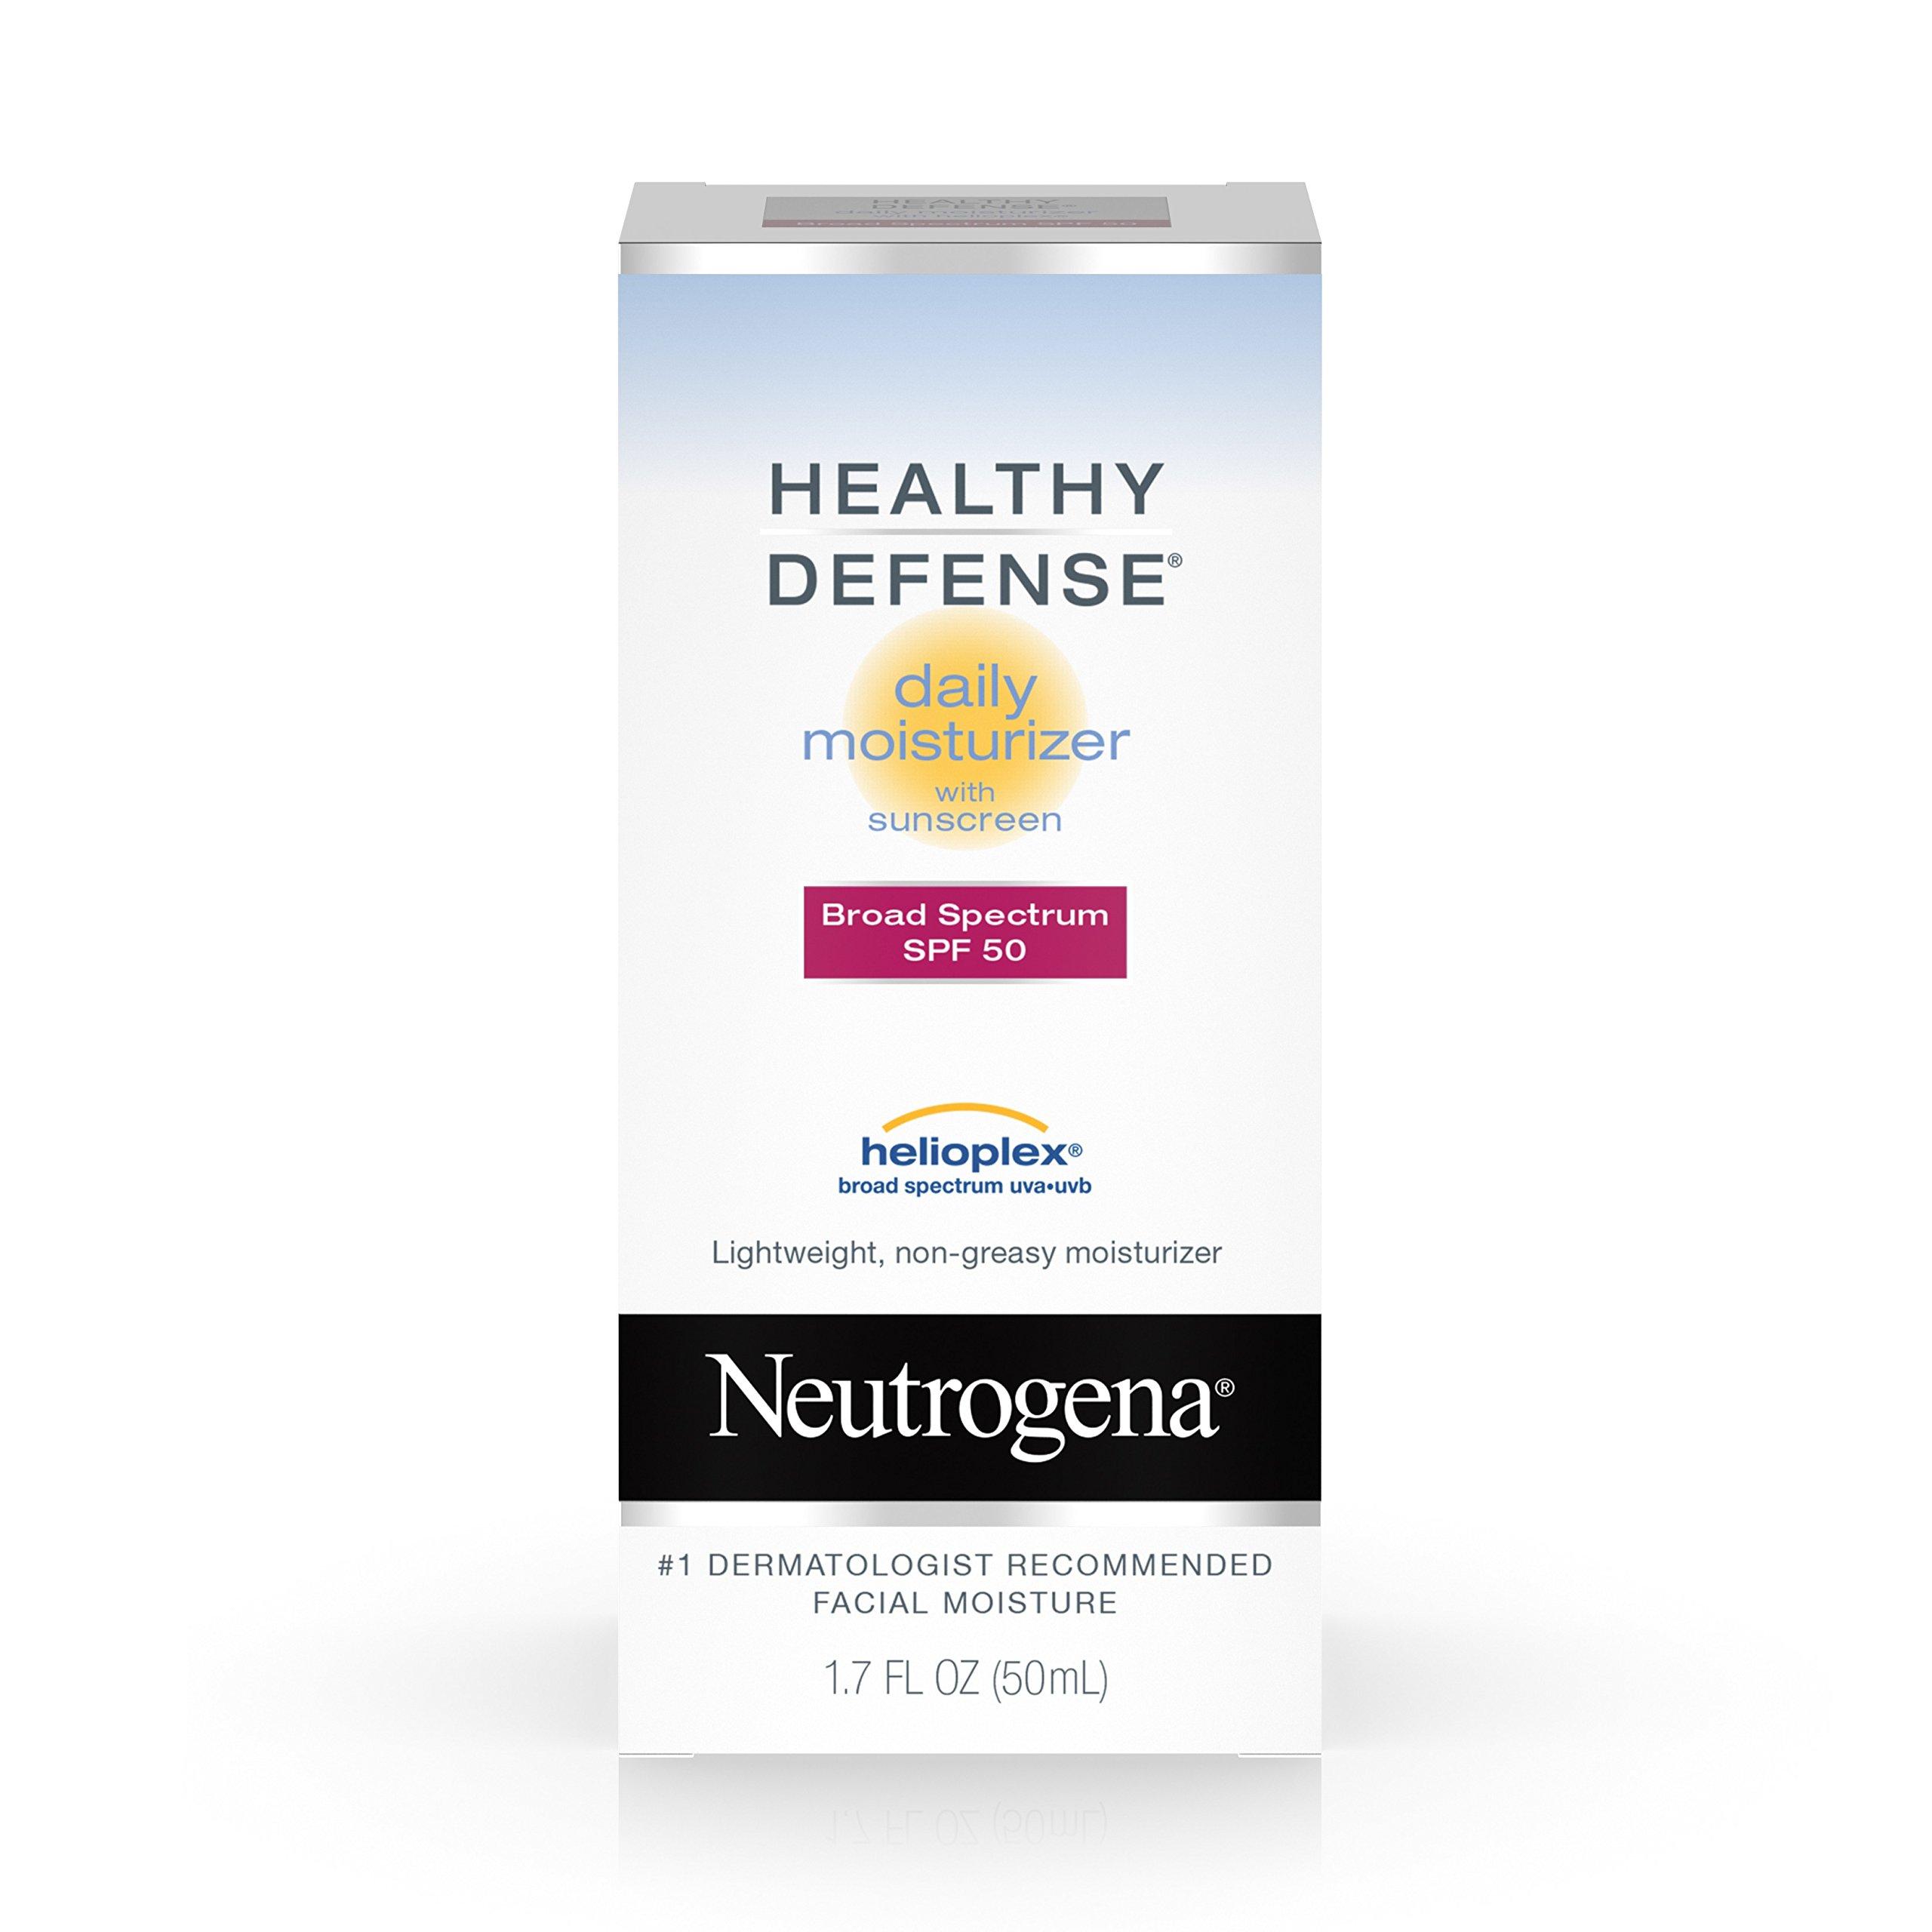 Neutrogena Healthy Defense Daily Vitamin C